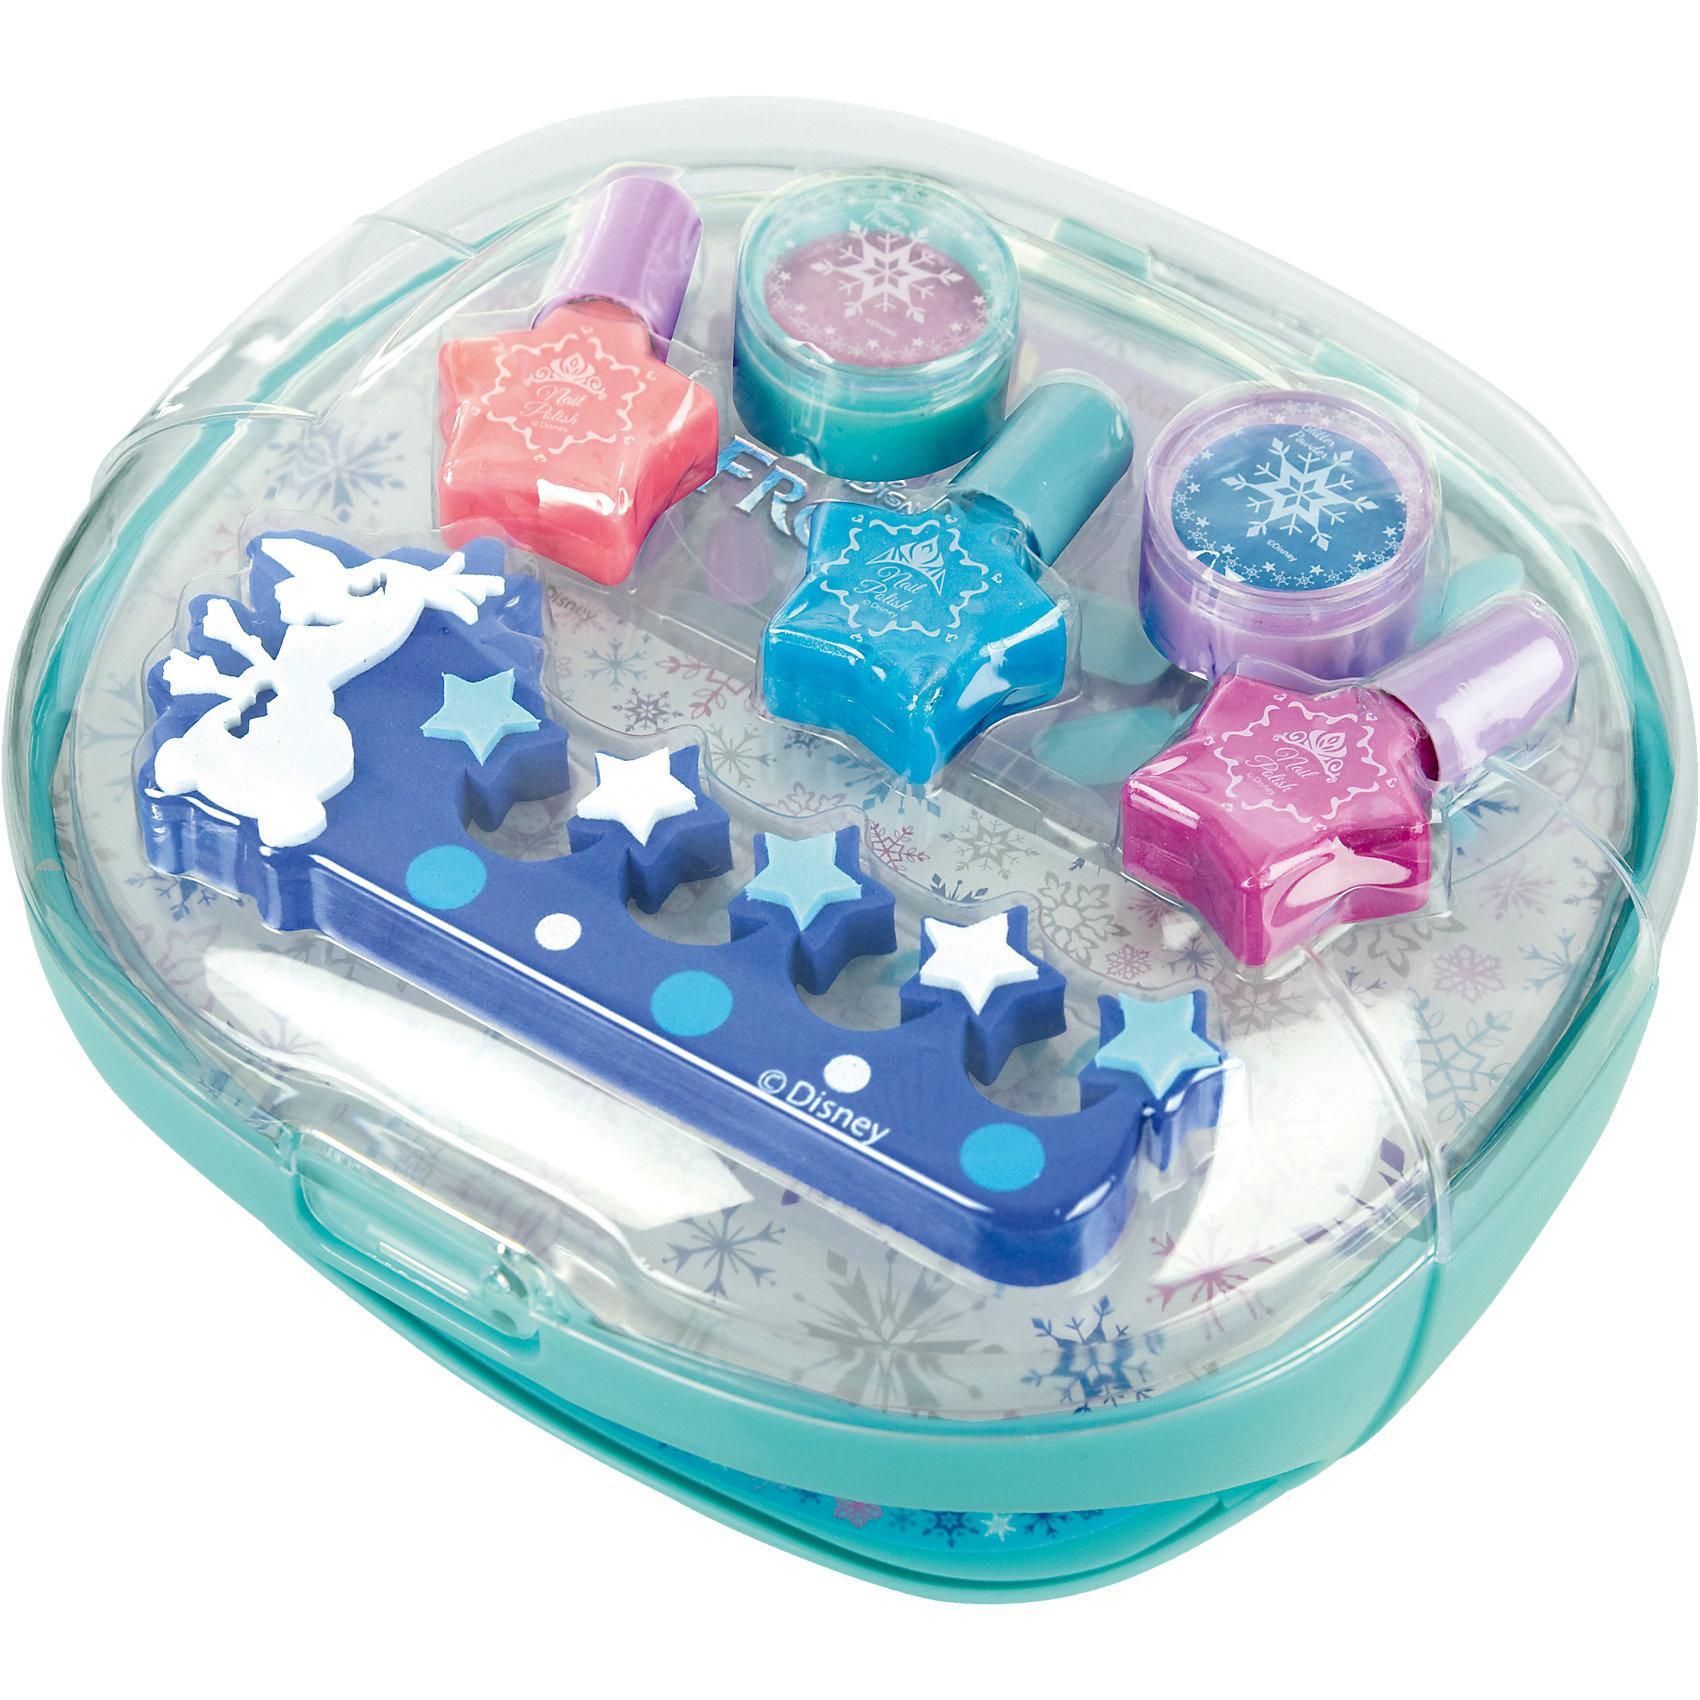 Игровой набор детской декоративной косметики с сушкой лака, Холодное сердцеИгровой набор детской декоративной косметики с сушкой лака, Холодное сердце, Markwins (Марквинс).<br><br>Характеристики: <br><br>• щадящая формула не повреждает ногти ребенка <br>• лак на водной основе <br>• цветовую гамму можно создать самостоятельно <br>• есть все необходимые инструменты <br>• не содержит парабенов и пальмового масла <br>• долго держится и легко стирается <br>• в комплекте: лаки на водной основе для ногтей (3 шт.), блёстки для украшения ногтей (2 шт.), пилочка, разделитель для пальцев, 2 комплекта накладных ногтей по 10 шт., наклейки для украшения ногтей, 2 комплекта наклеек на всю поверхность ногтя по 10 шт., устройство для сушки лака на ногтях<br>• размер: 37х5х26 см <br>• вес: 1,4 кг<br>• батарейки: АА - 4 шт. (в комплект не входят)<br><br>Каждая любительница мультфильма Холодное сердце по достоинству оценит набор декоративной косметики Frozen от торговой марки Markwins. С его помощью девочка сможет создать великолепный маникюр или педикюр в стиле любимых героев. В набор входят три оттенка лака, из которых можно создать красивый маникюр, а затем дополнить его блестками или наклейками. Для удобства девочки косметика дополнена разделителем для пальцев, пилкой и прибором для сушки лака. Лак на водной основе не повреждает ногтевую пластину и легко смывается.<br><br>Игровой набор детской декоративной косметики с сушкой лака, Холодное сердце, Markwins (Марквинс) можно купить в нашем интернет-магазине.<br><br>Ширина мм: 191<br>Глубина мм: 197<br>Высота мм: 121<br>Вес г: 381<br>Возраст от месяцев: 48<br>Возраст до месяцев: 84<br>Пол: Женский<br>Возраст: Детский<br>SKU: 4900297